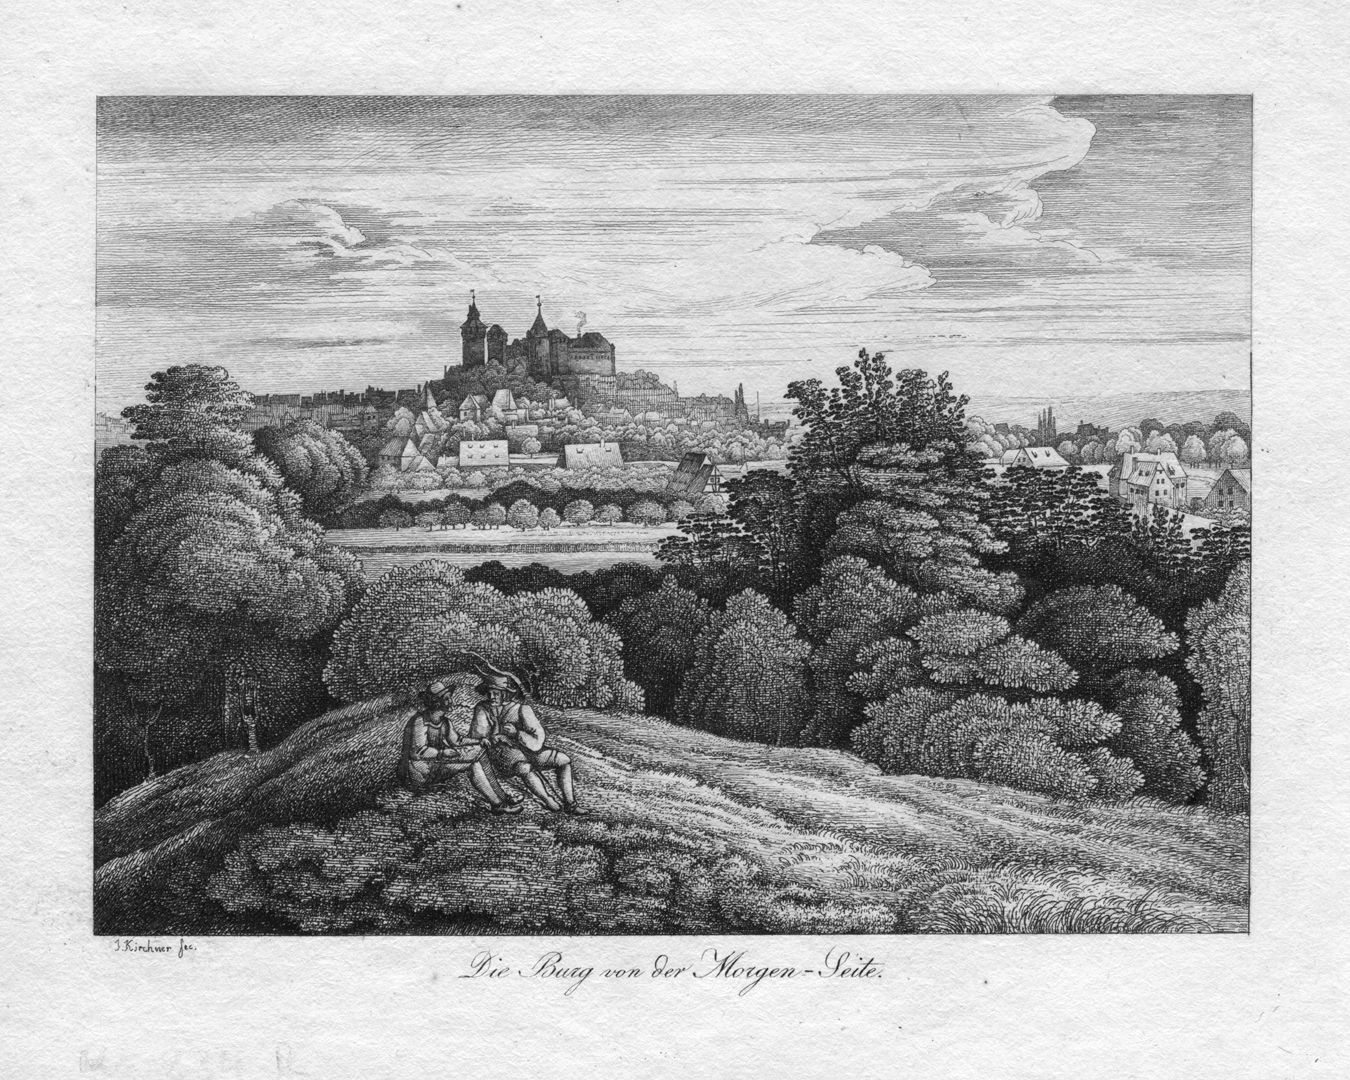 Die Burg von der Morgen-Seite